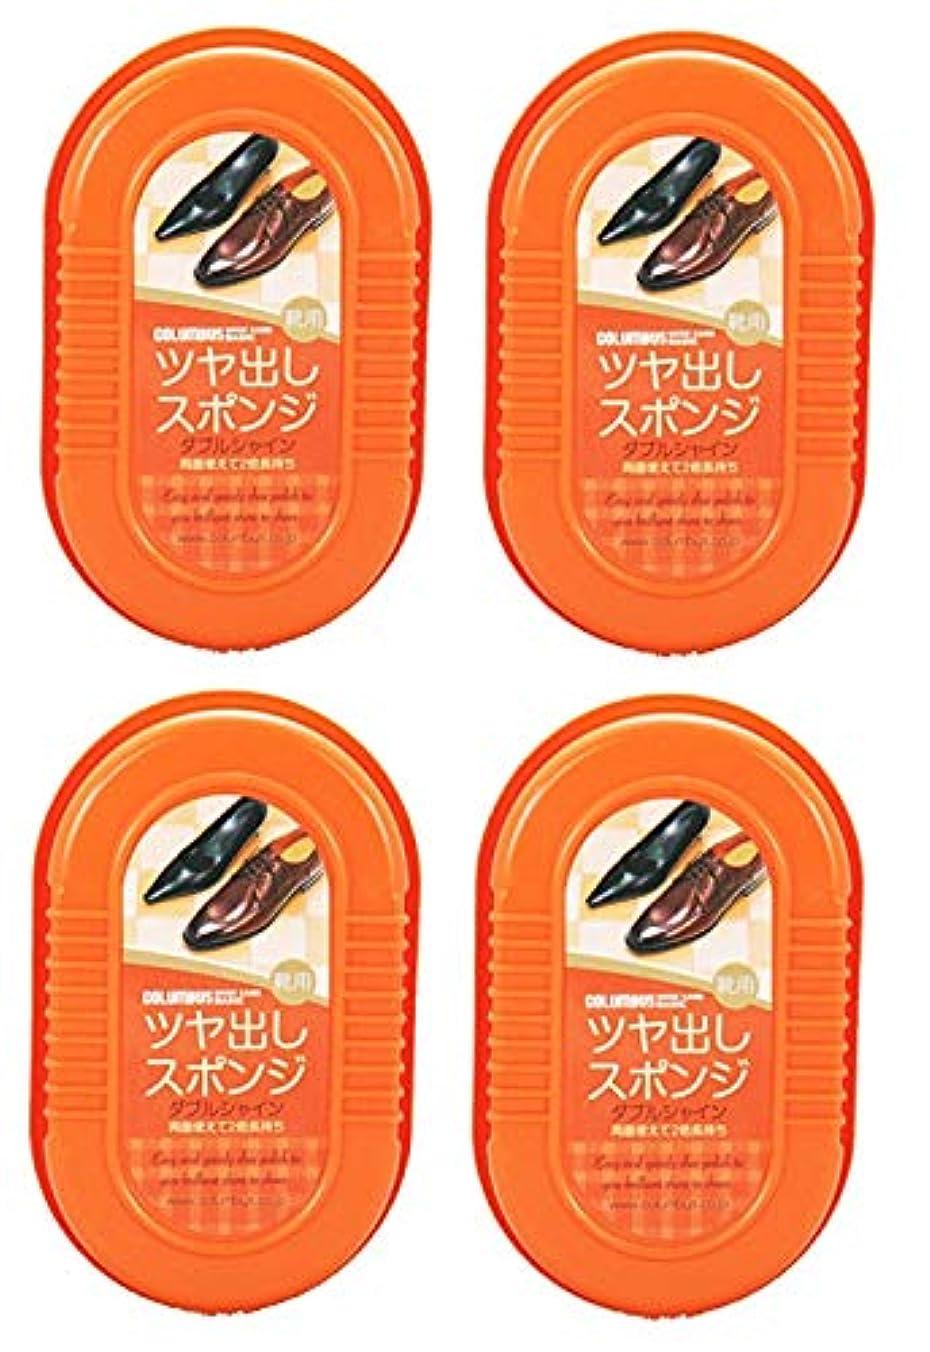 バーベキューおとこセールスマン【まとめ買い】コロンブス スーパーダブルシャイン(ヘッダー)×4個